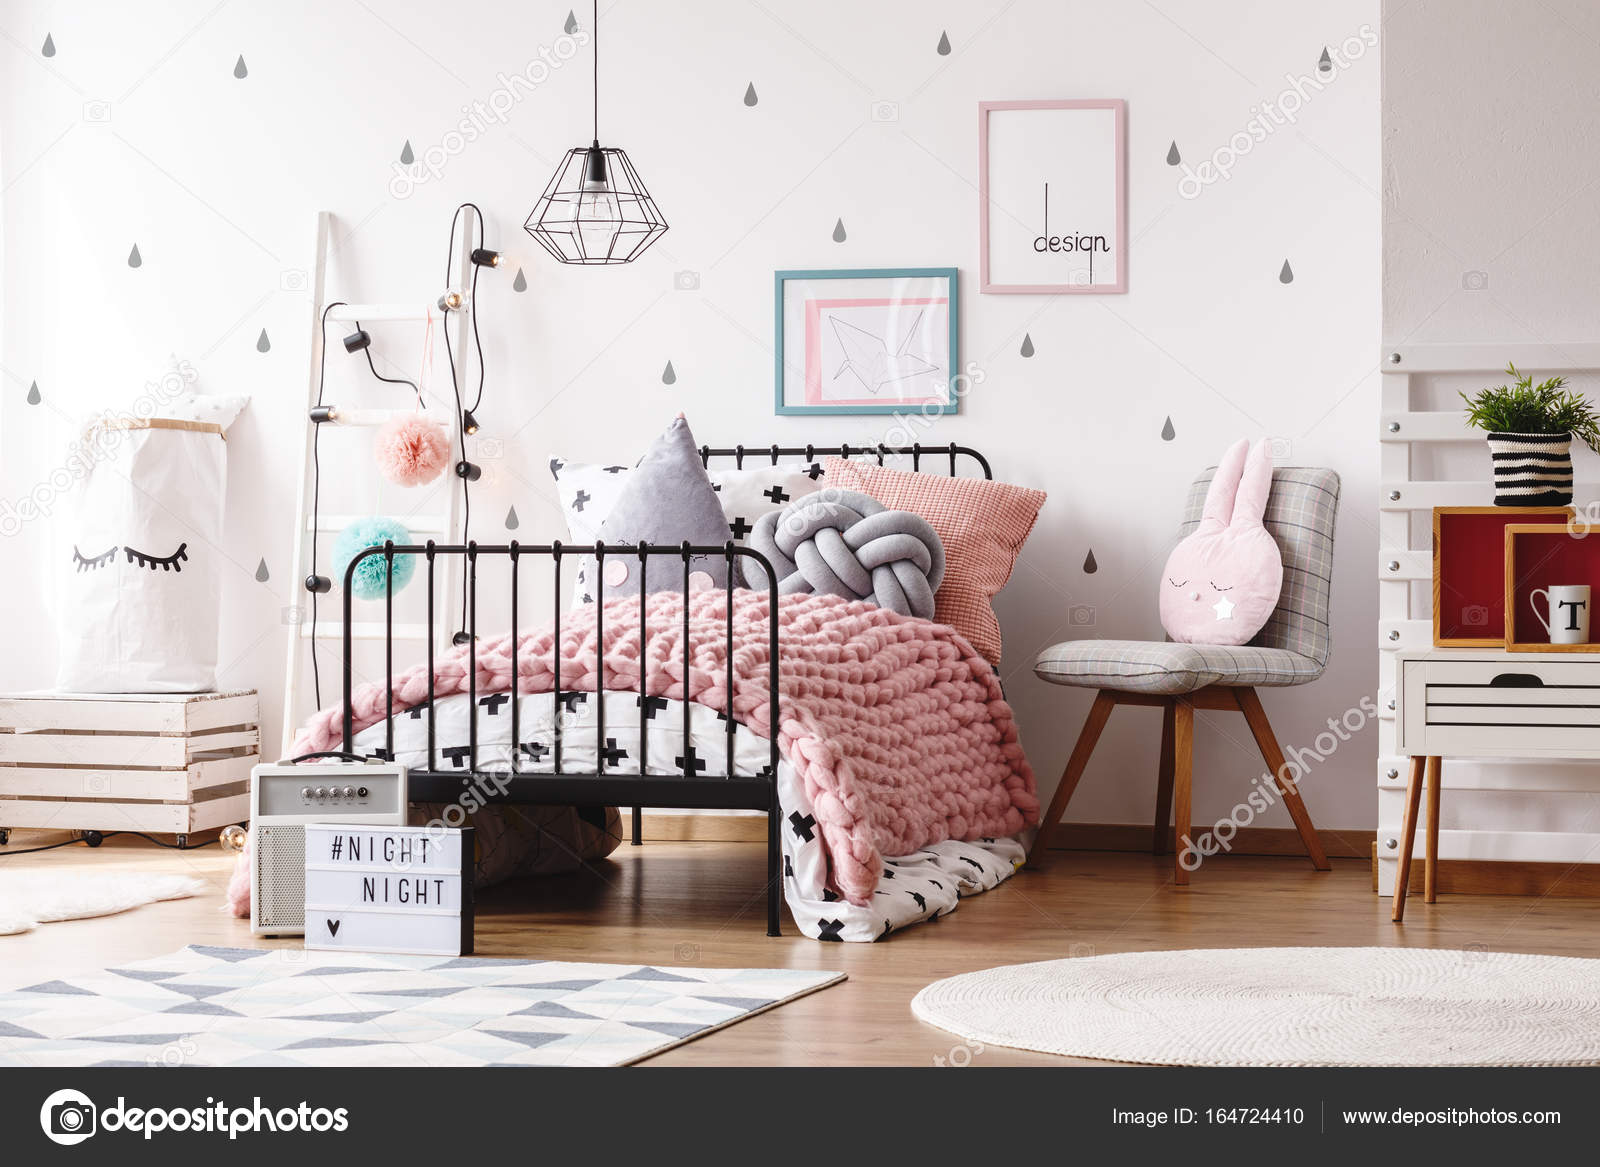 Camere Da Letto Bambino : Camera da letto bambini svegli con i manifesti u2014 foto stock